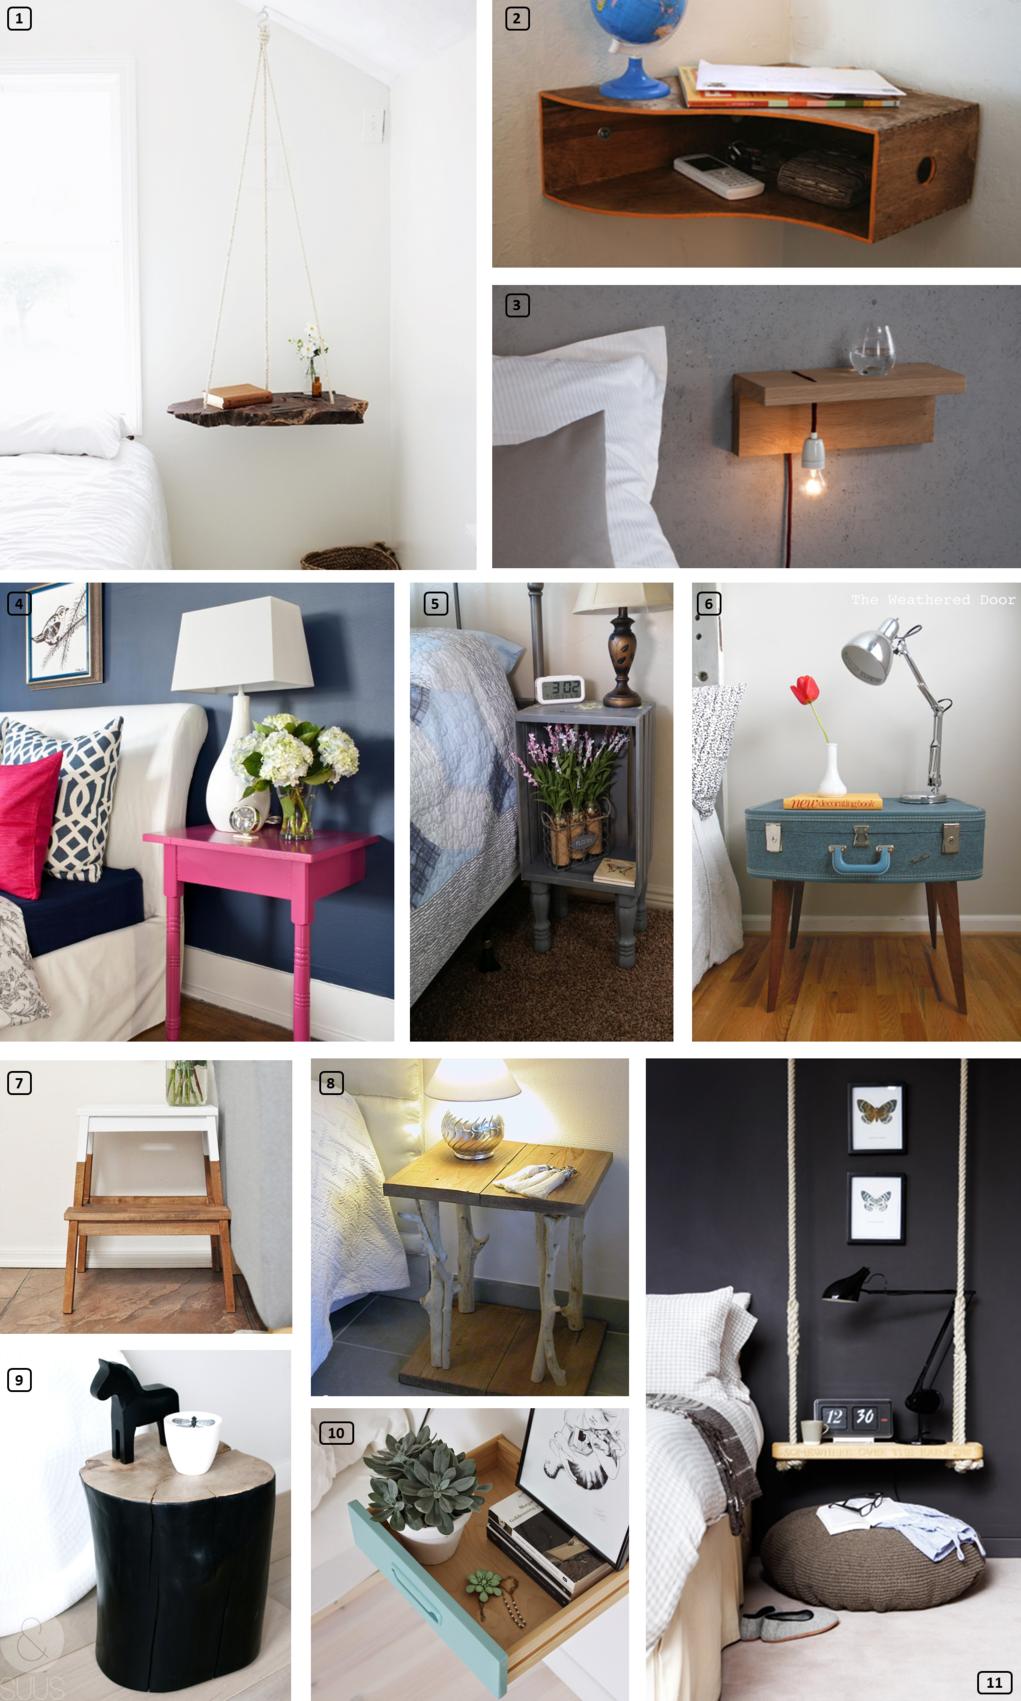 23 tables de chevet originales bnbstaging le blog. Black Bedroom Furniture Sets. Home Design Ideas